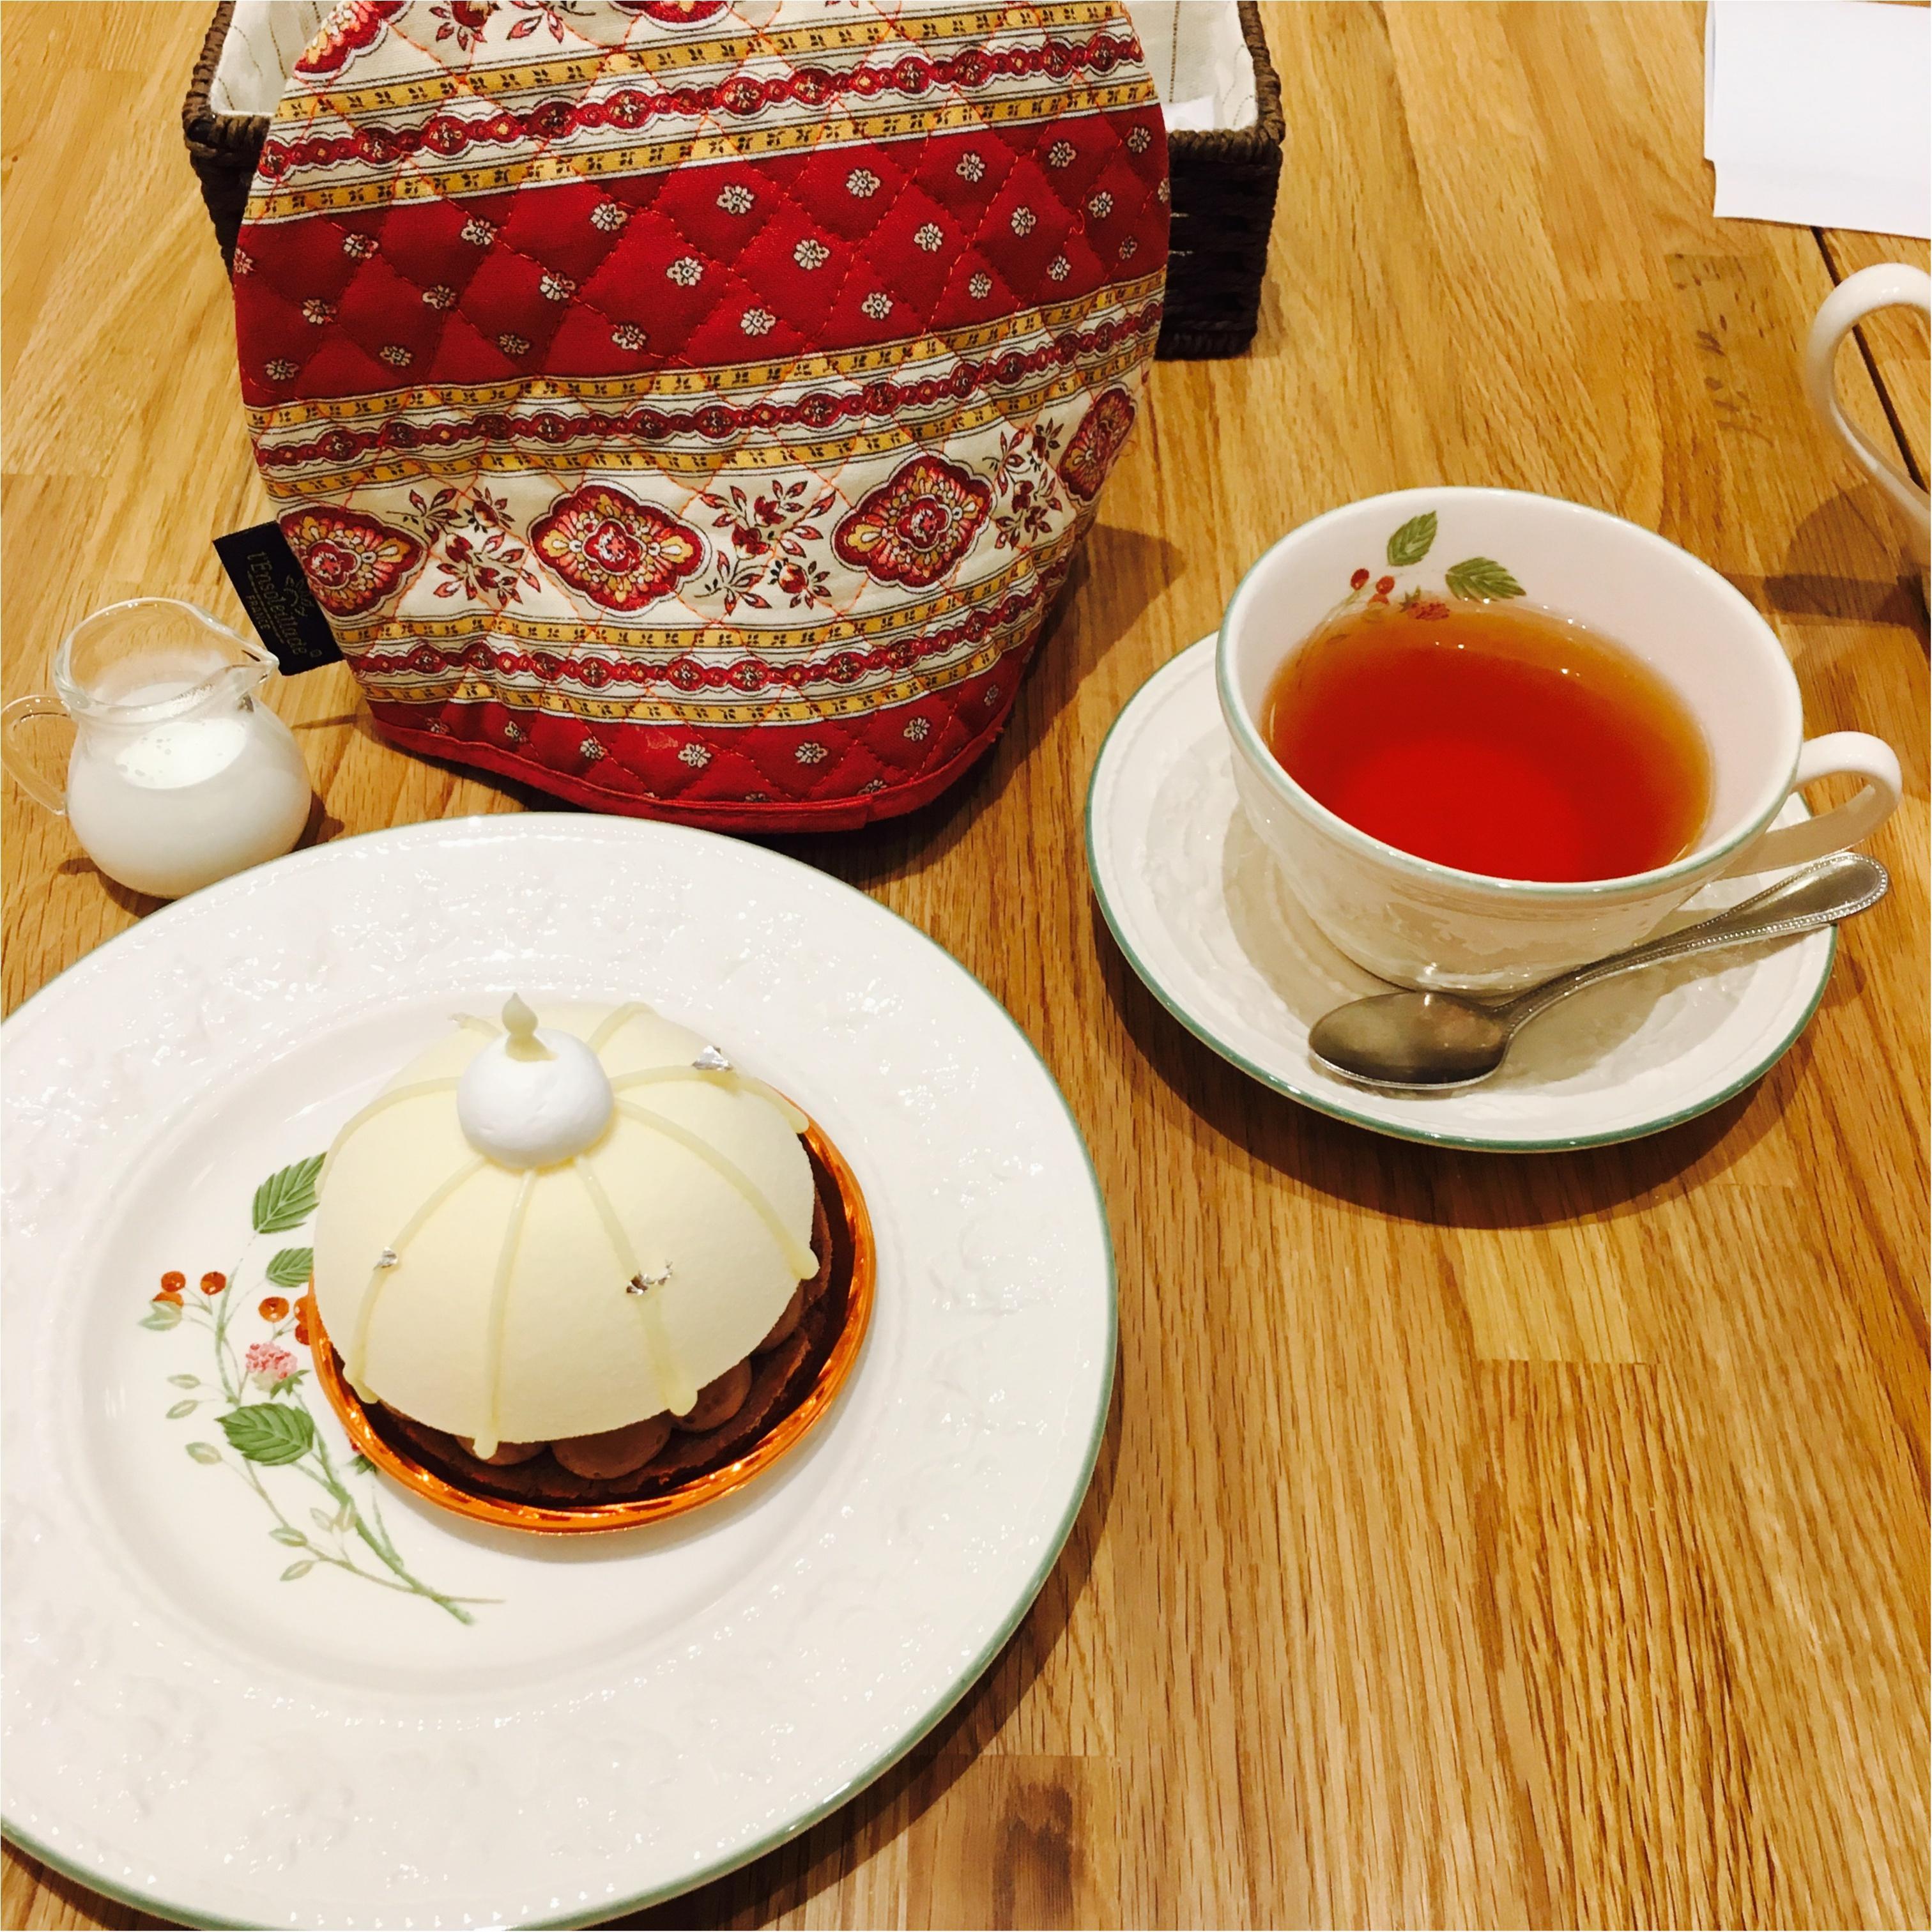 【京橋】にあるケーキ屋さん≪コカルド≫のランチ&ケーキがとっても美味しい!カフェタイムにもオススメ◎_3